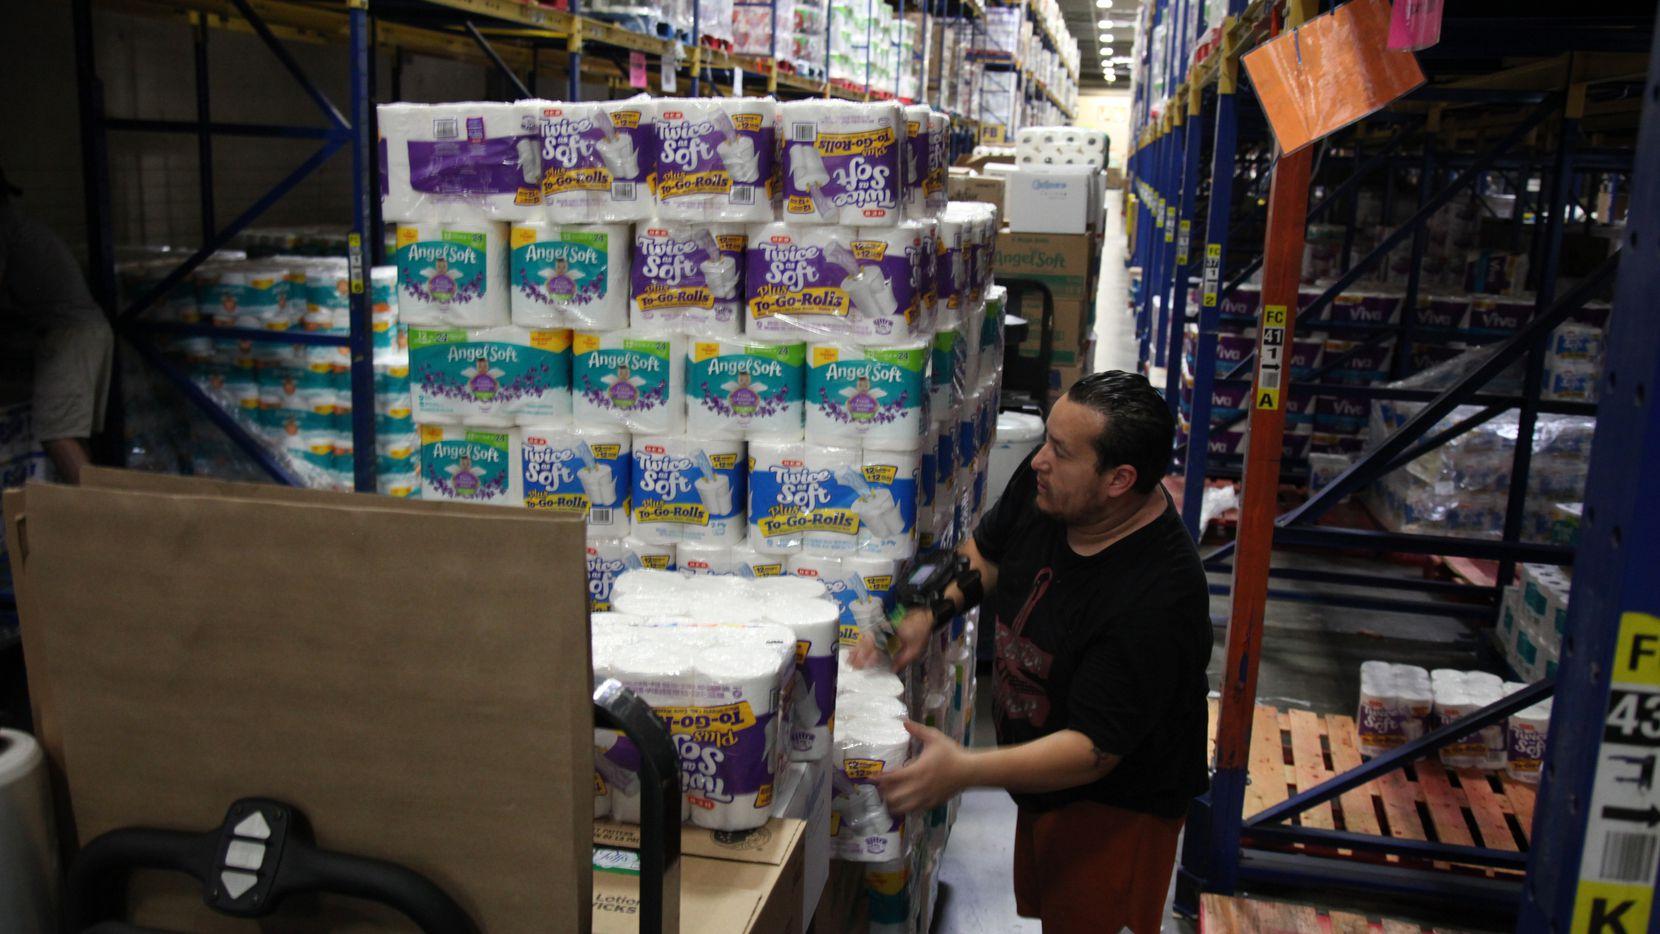 Un empacador de H-E-B en Houston acomada los paquetes de papel higiénico que están en altísima demanda en el estado de Texas. Hay escasez en las tiendas, pero los productores dicen que sí hay suficiente.